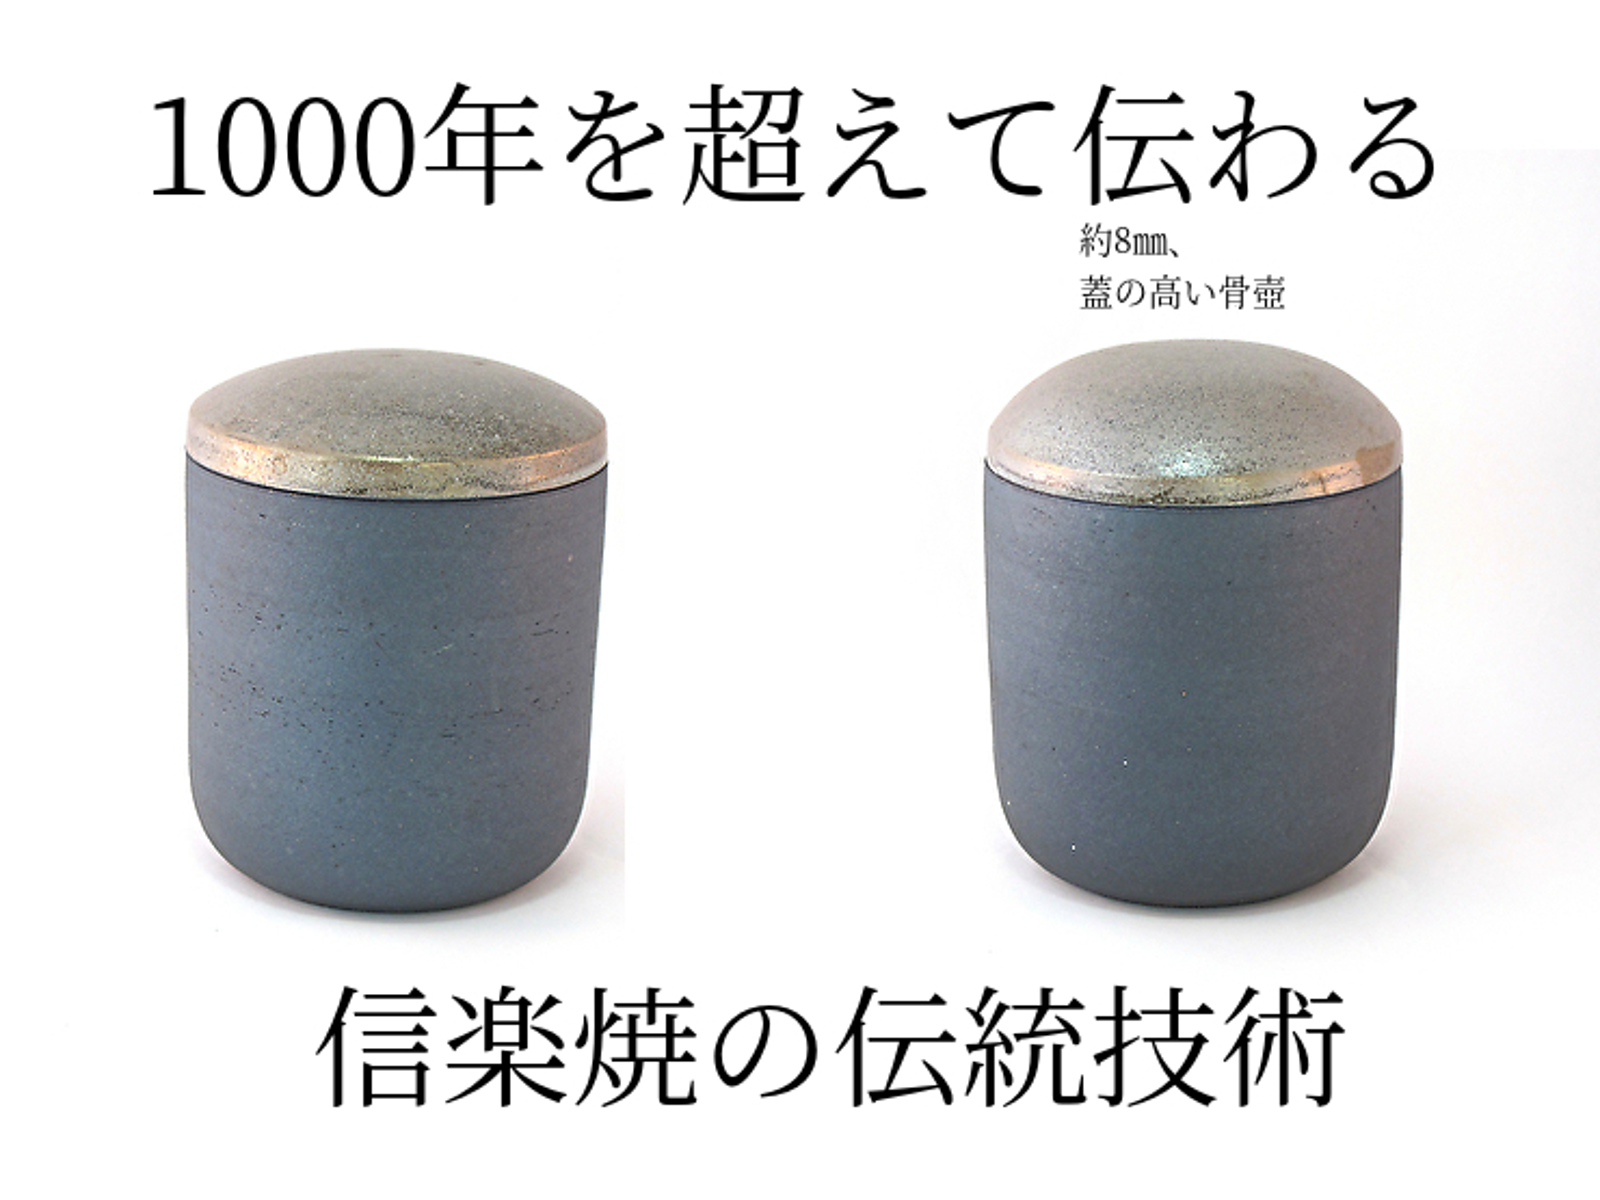 信楽焼の手元供養 こころの杖 大きい骨壺